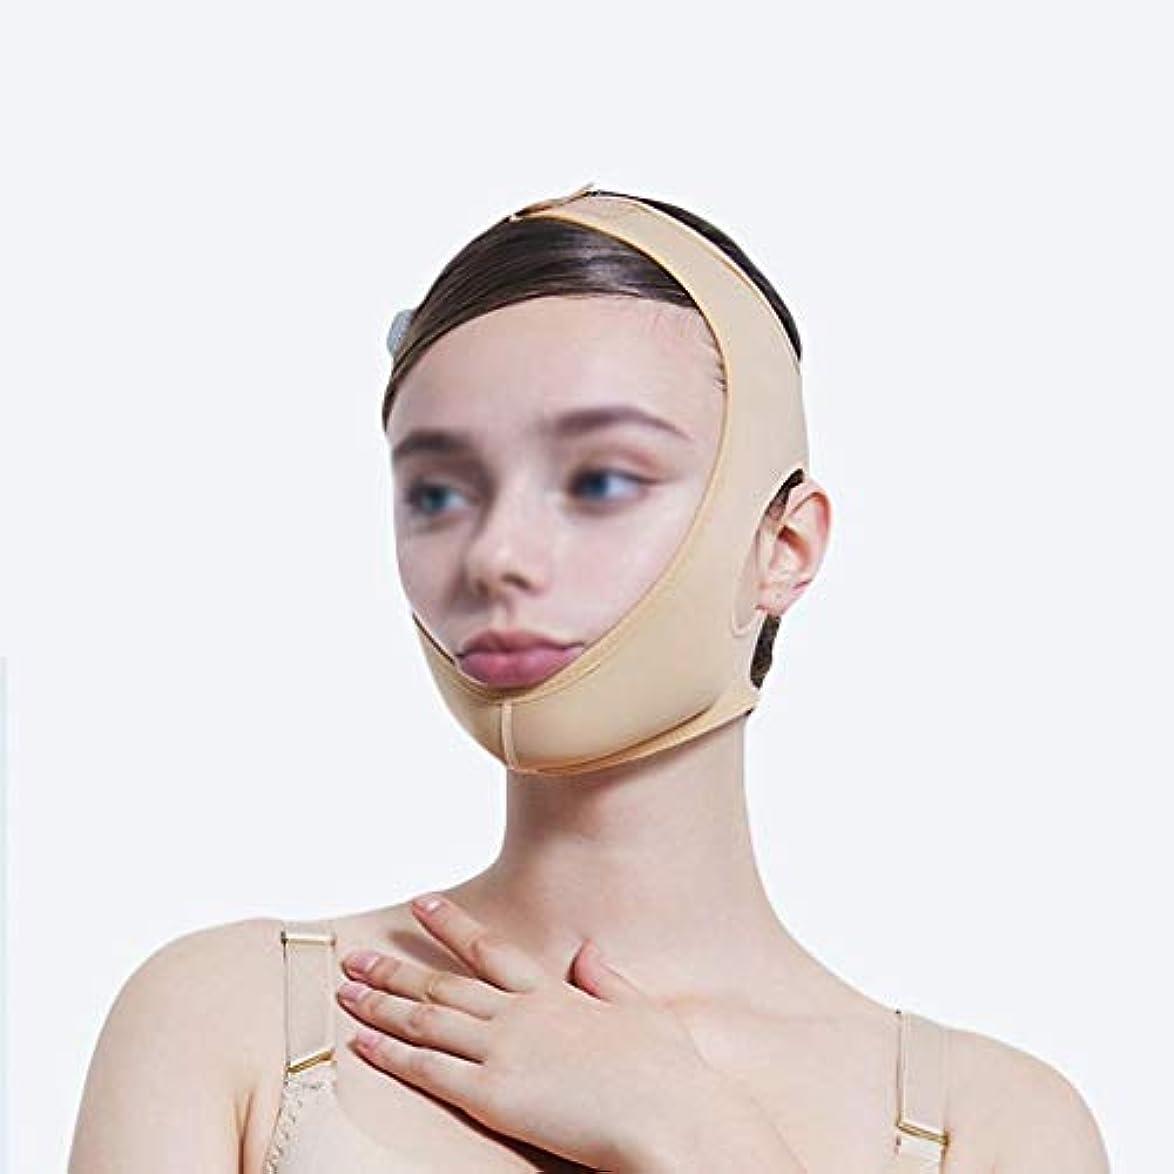 打ち負かす細い逆説フェイシャルライン、頬、しわ防止フェイシャル減量、フェイスバンド、フェイスマスク、フェイスリフティング、通気性、ダブルチンストラップ(サイズ:XXL),ザ?